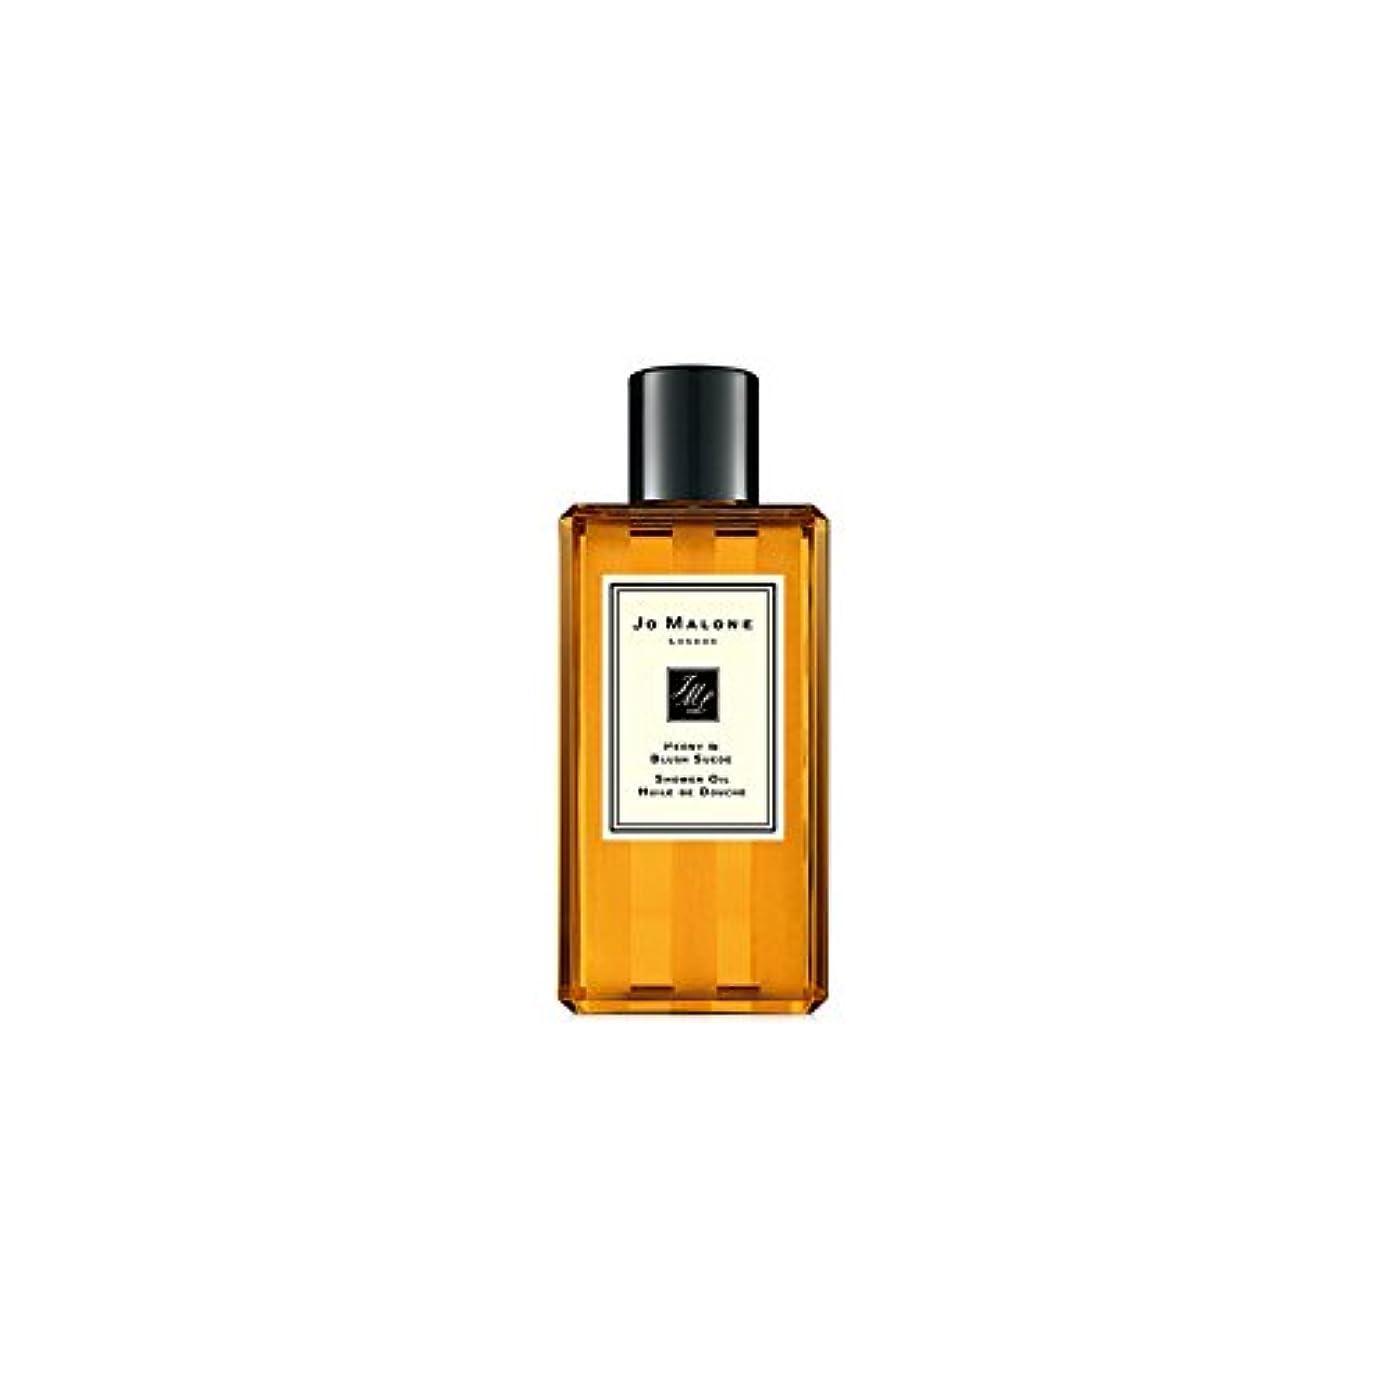 雇う才能のある二年生Jo Malone Peony & Blush Suede Shower Oil - 250ml (Pack of 2) - ジョーマローン牡丹&スエードシャワーオイル赤面 - 250ミリリットル (x2) [並行輸入品]